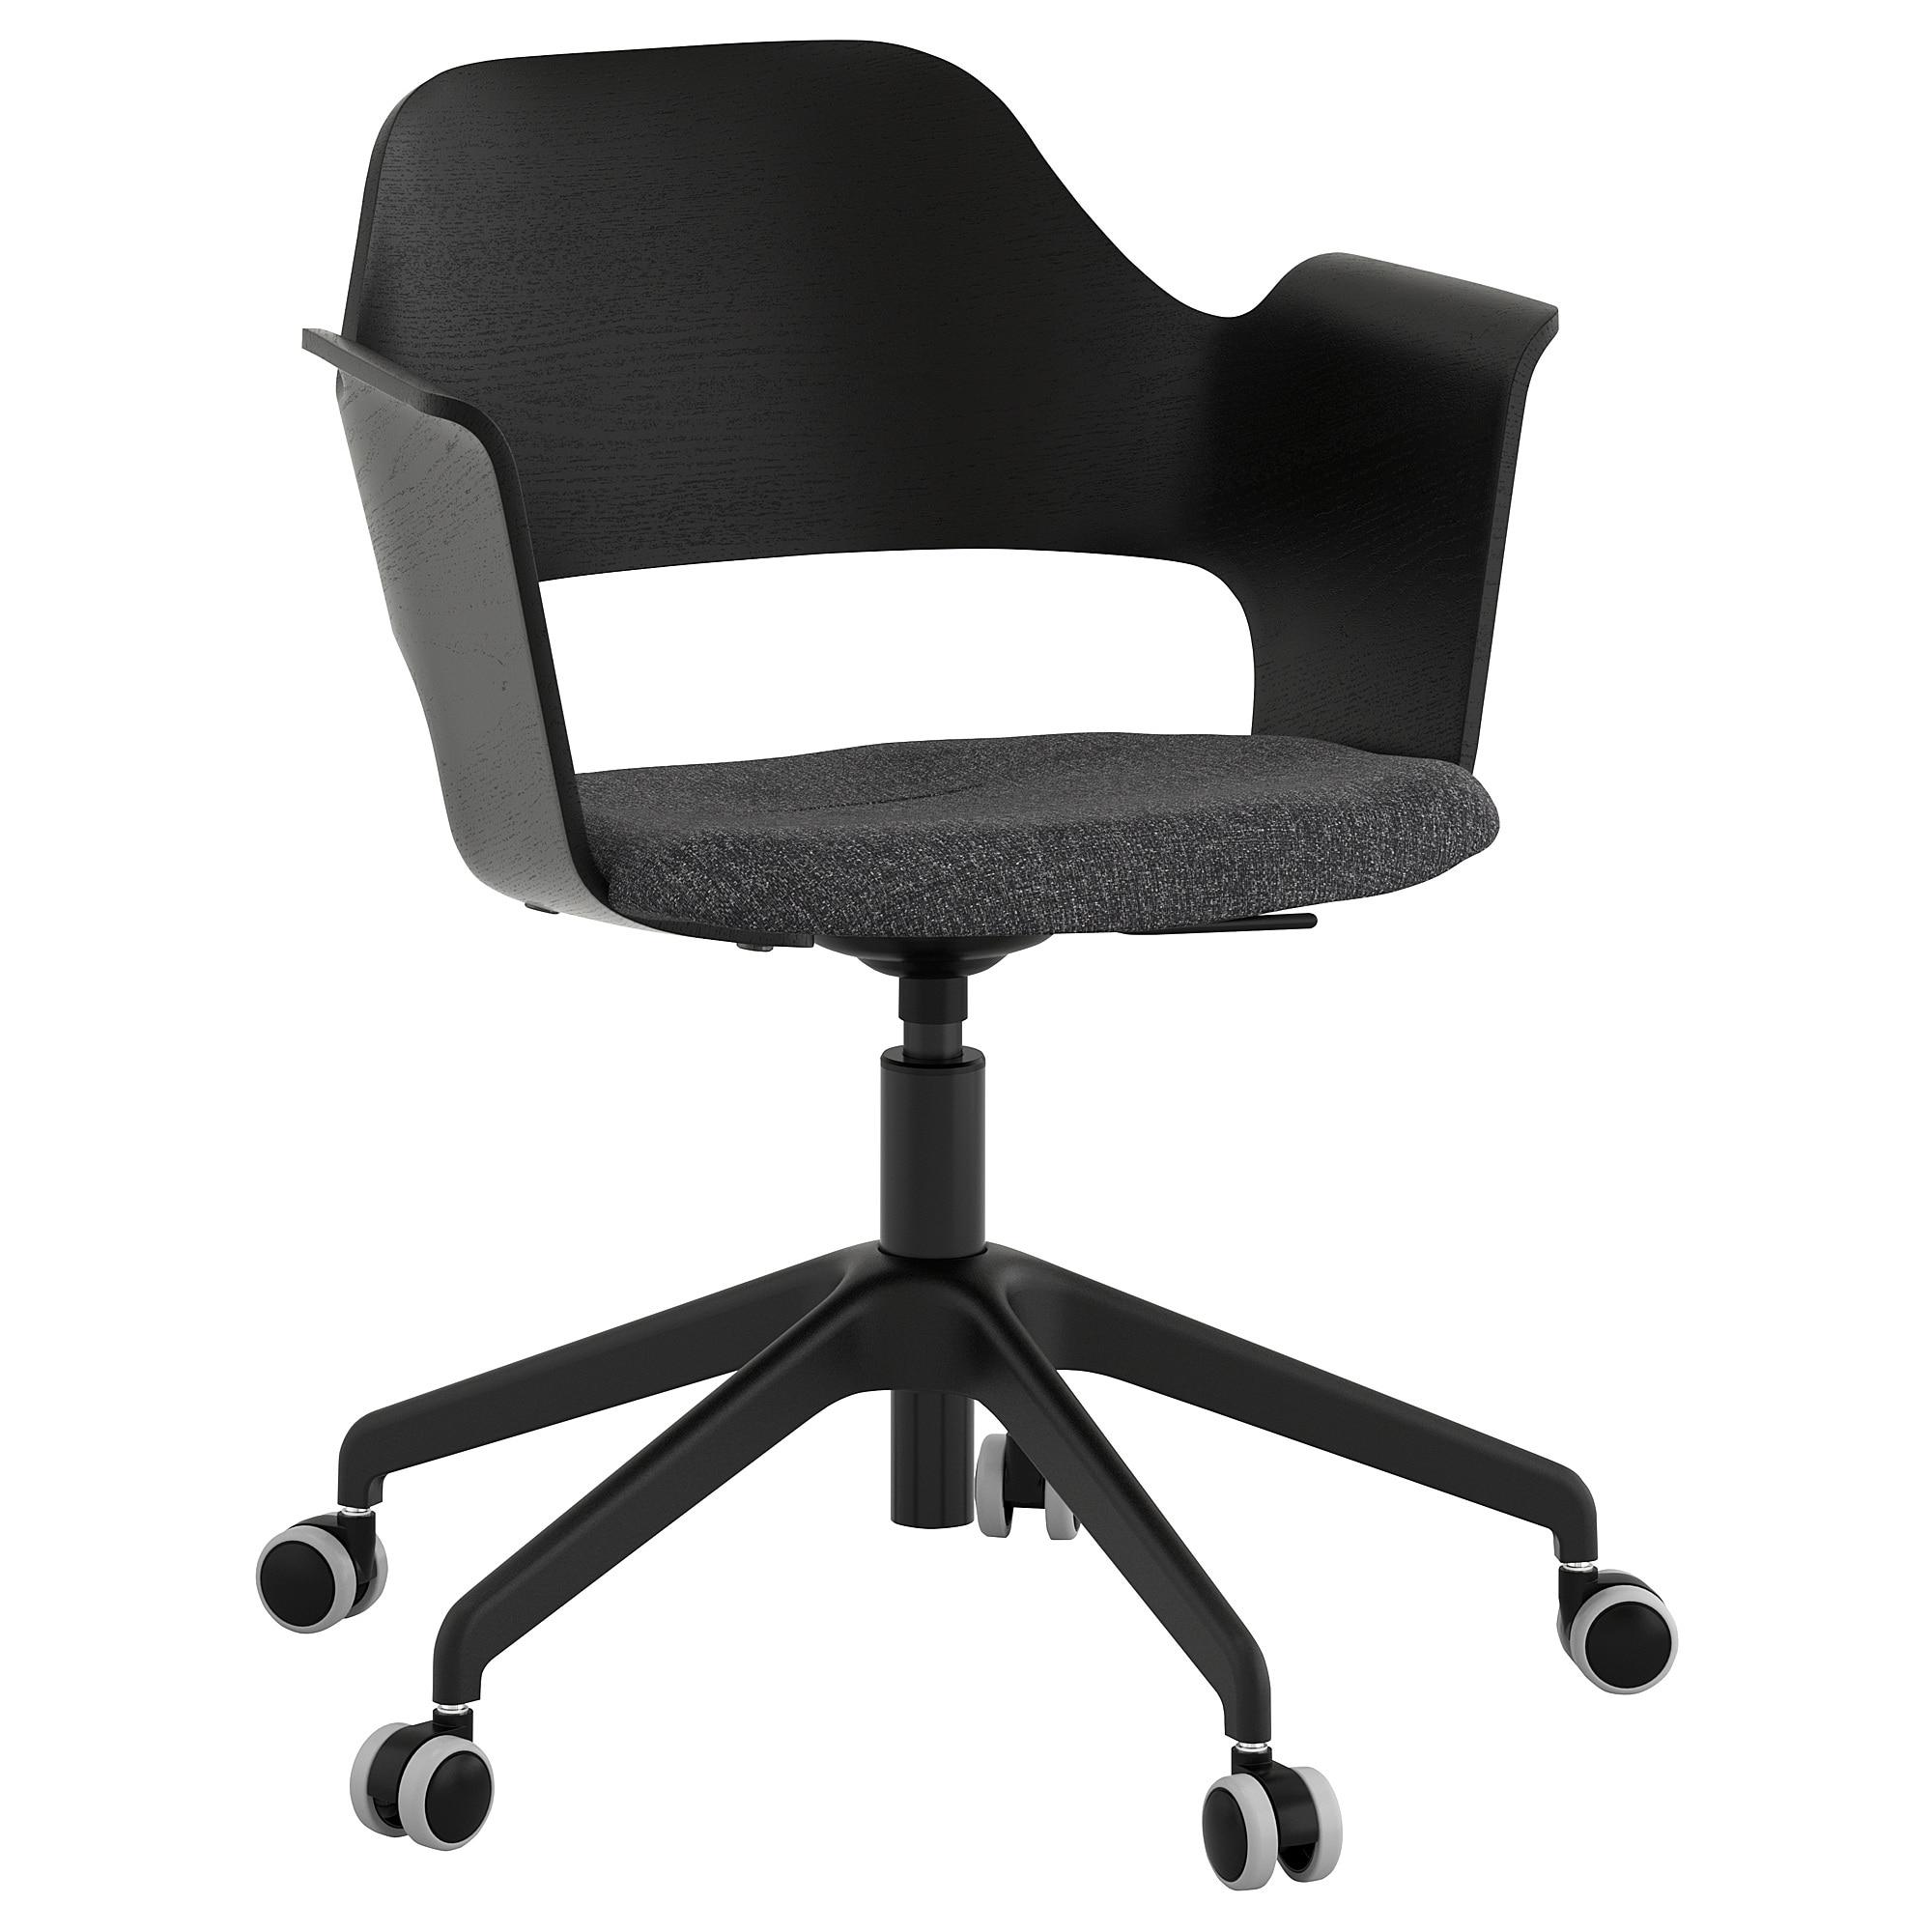 Ikea Sillas Despacho Irdz Sillas De Oficina Y Sillas De Trabajo Pra Online Ikea